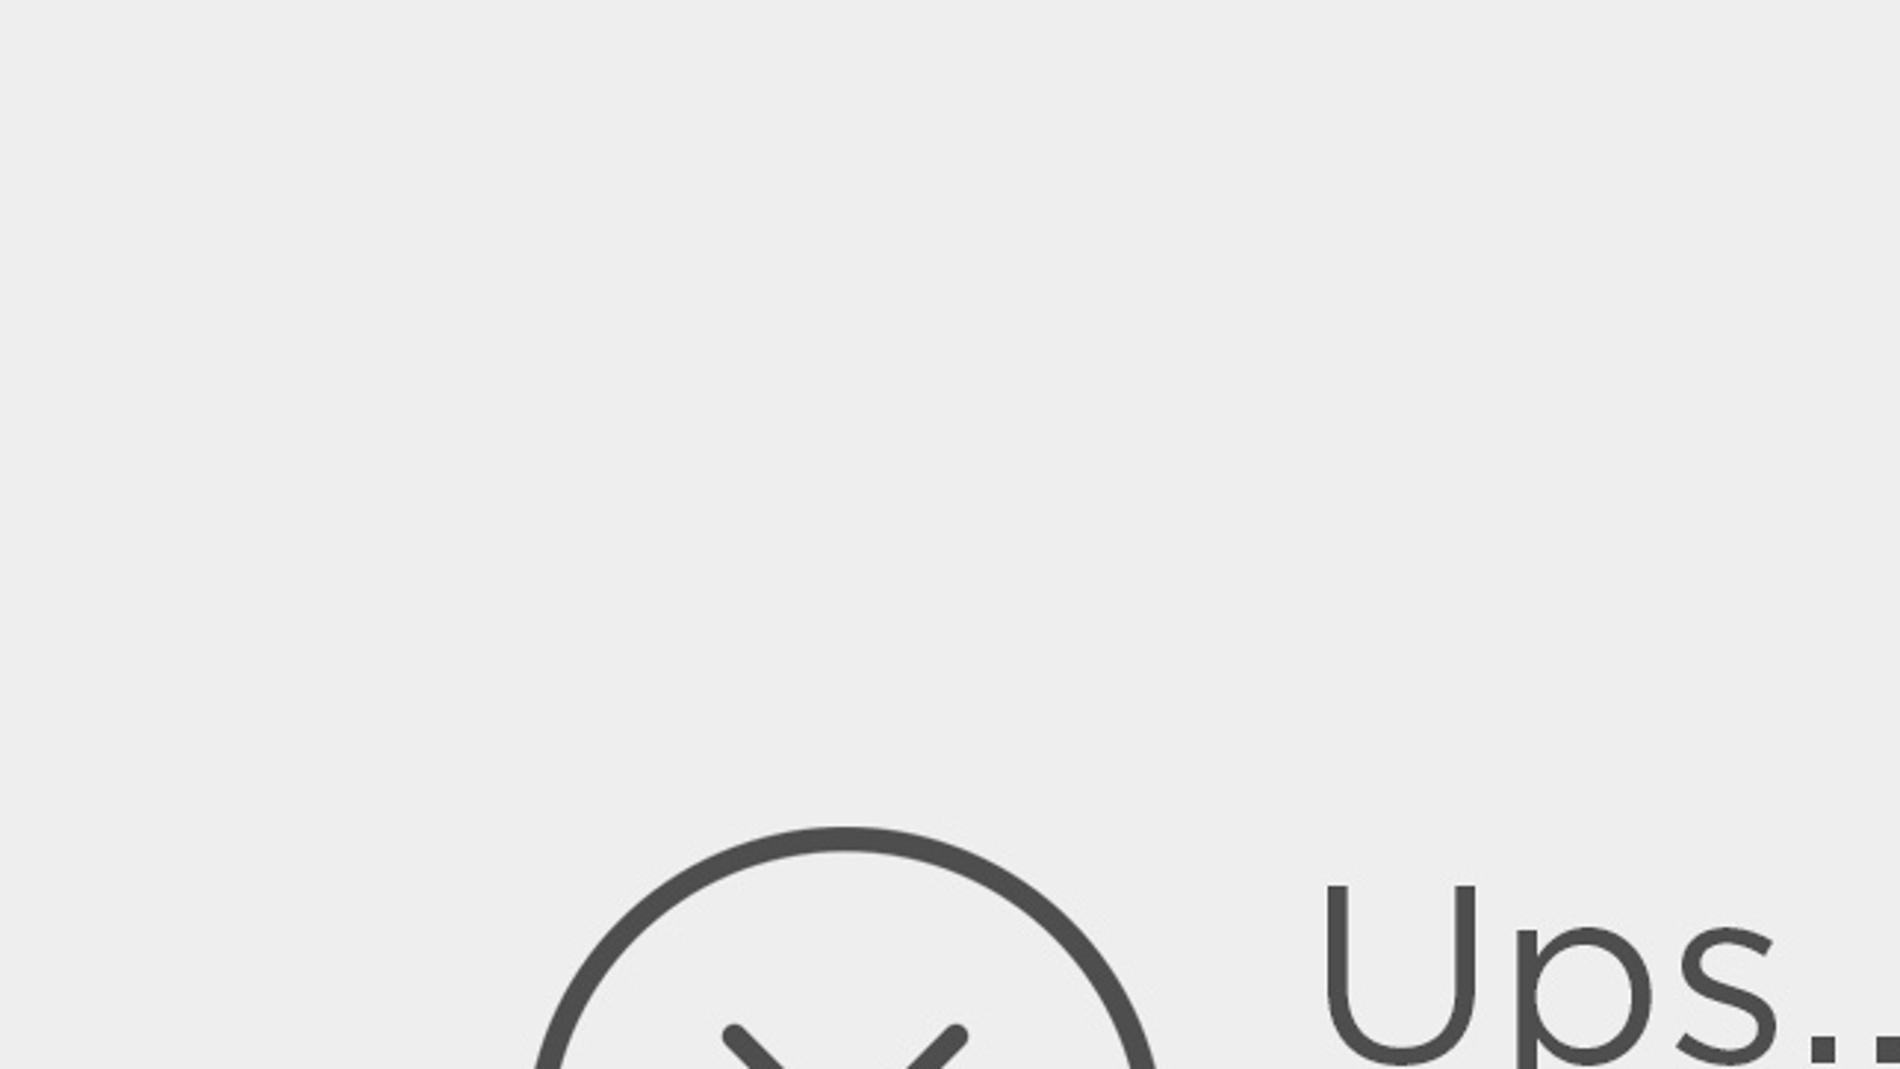 Películas Disney de los años 90